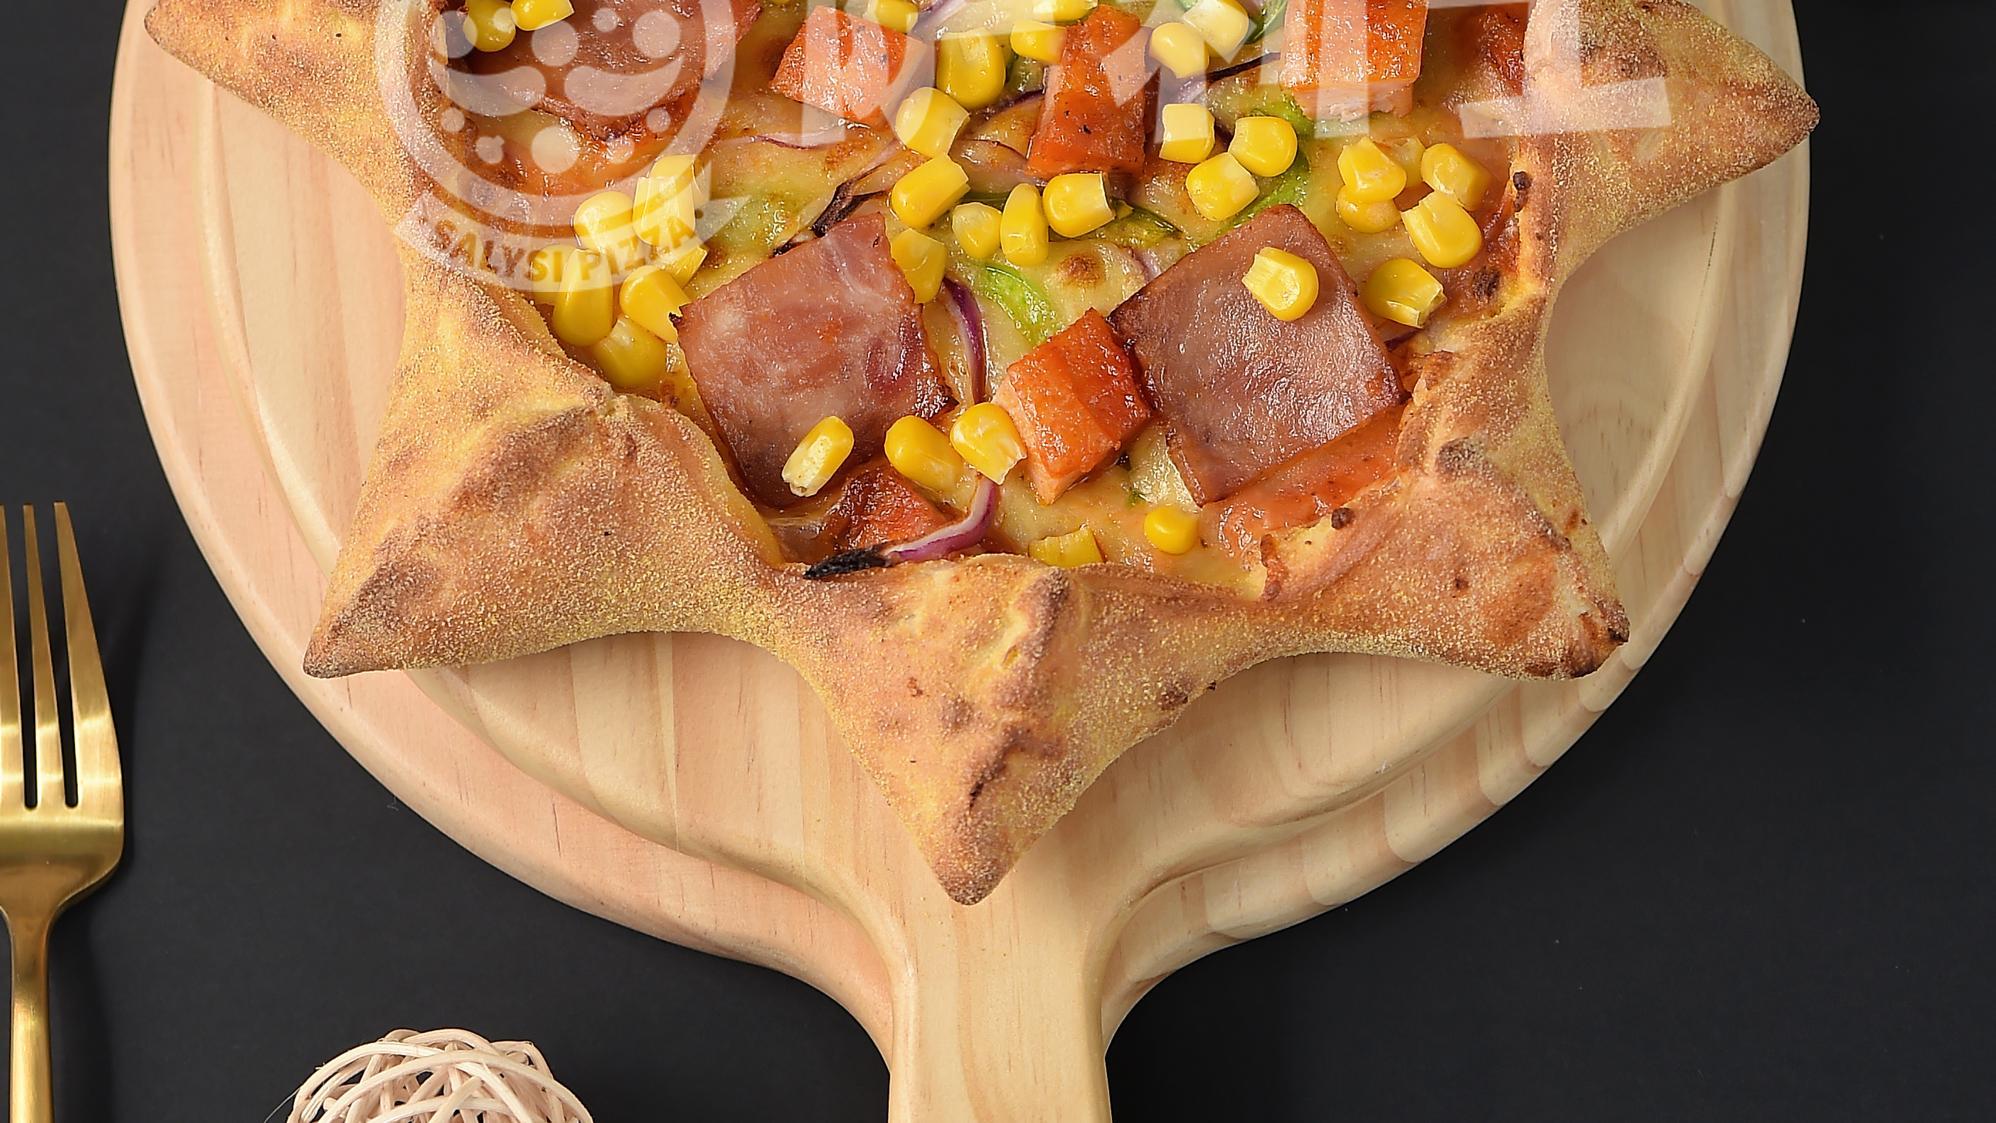 降温预警,补充能量好过冬!这些多肉披萨,好看好吃还营养丰富~